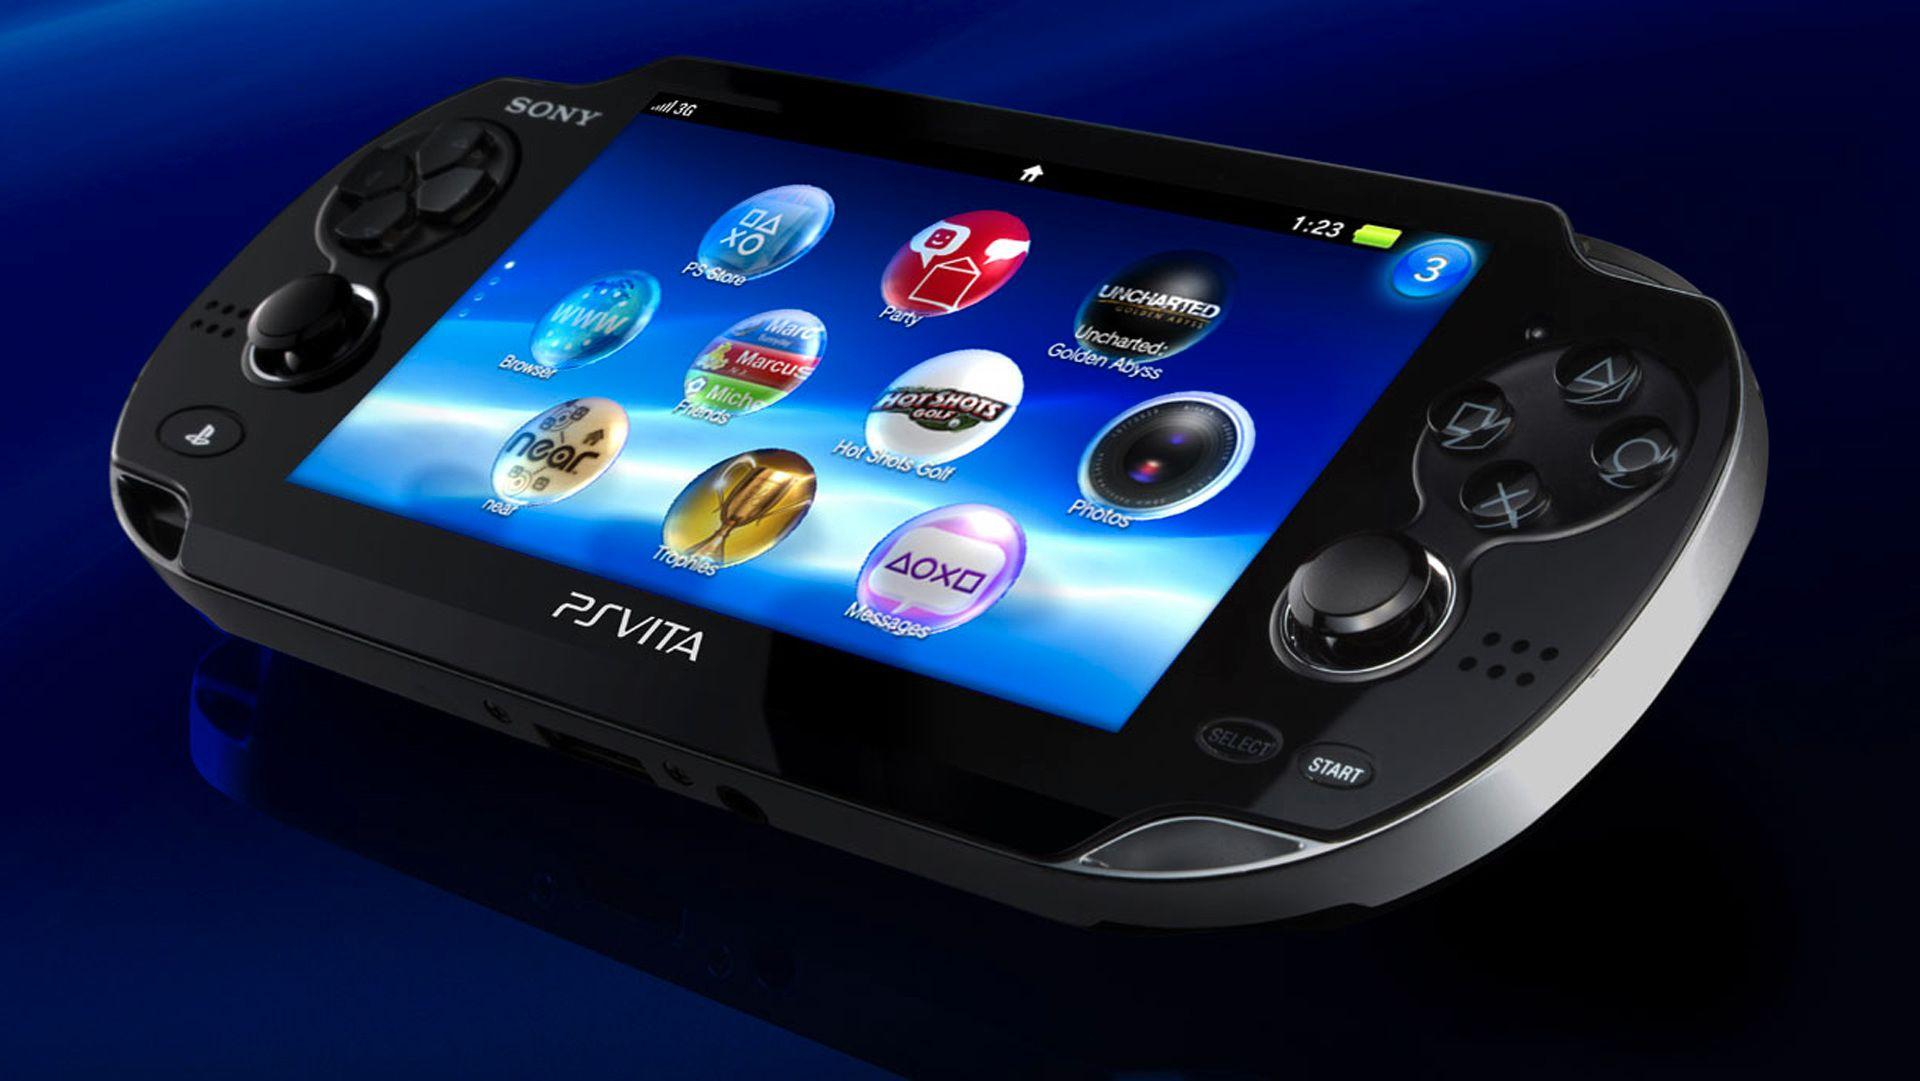 PS Vita er en av Sonys egne bærbare konsoller, og vil i fremtiden sannsynligvis bli den eneste spillkonsollen produsert av selskapet. Dersom ikke smartmobilen overtar også dens funksjon, altså.Foto: Sony